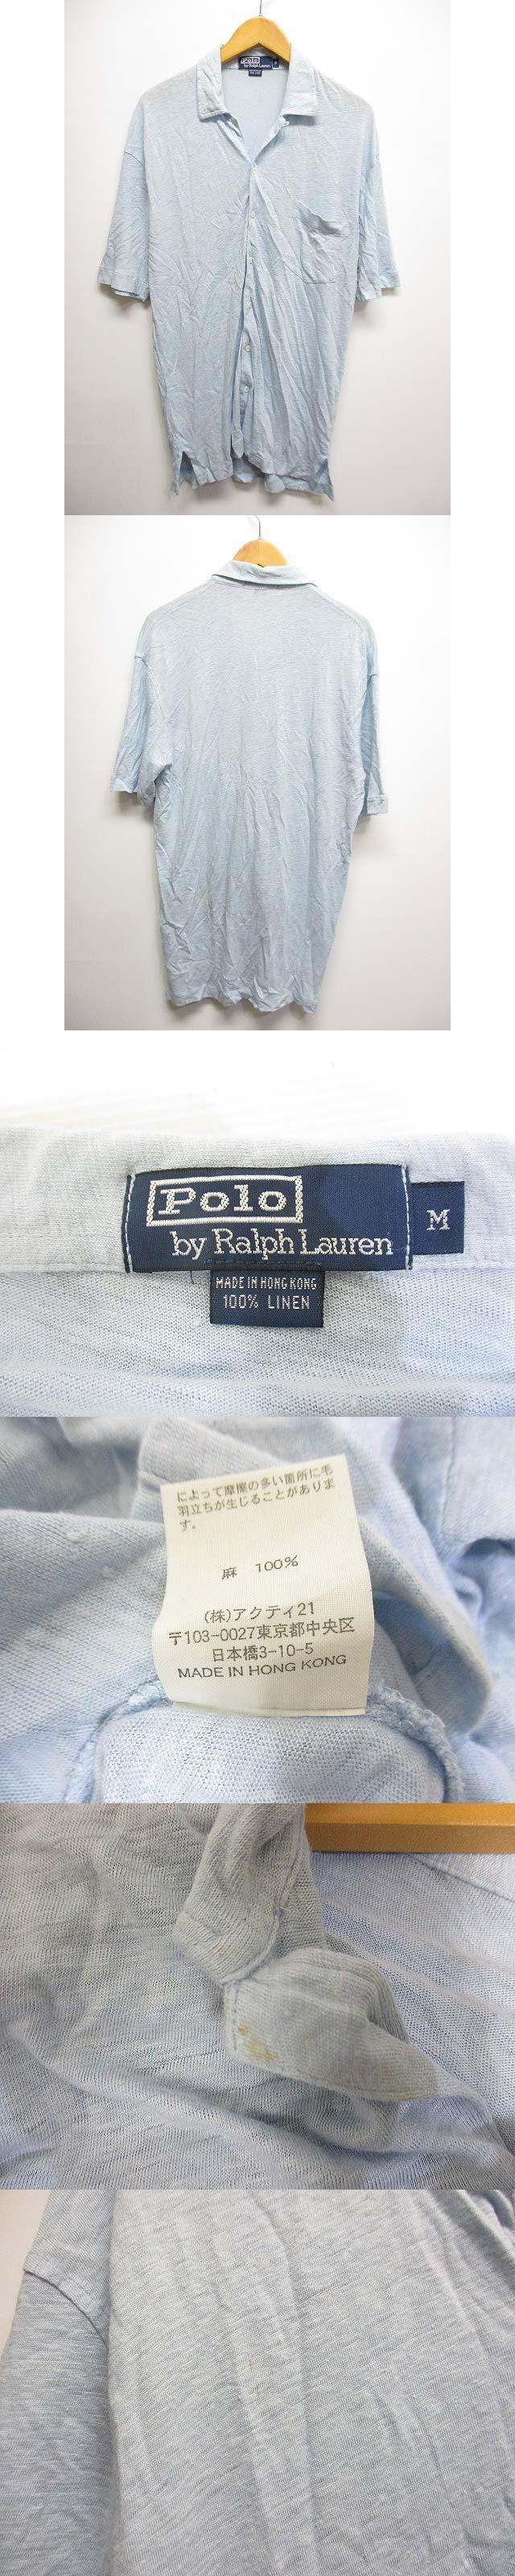 半袖 リネン シャツ カットソー M 水色ブルー 麻100% 正規